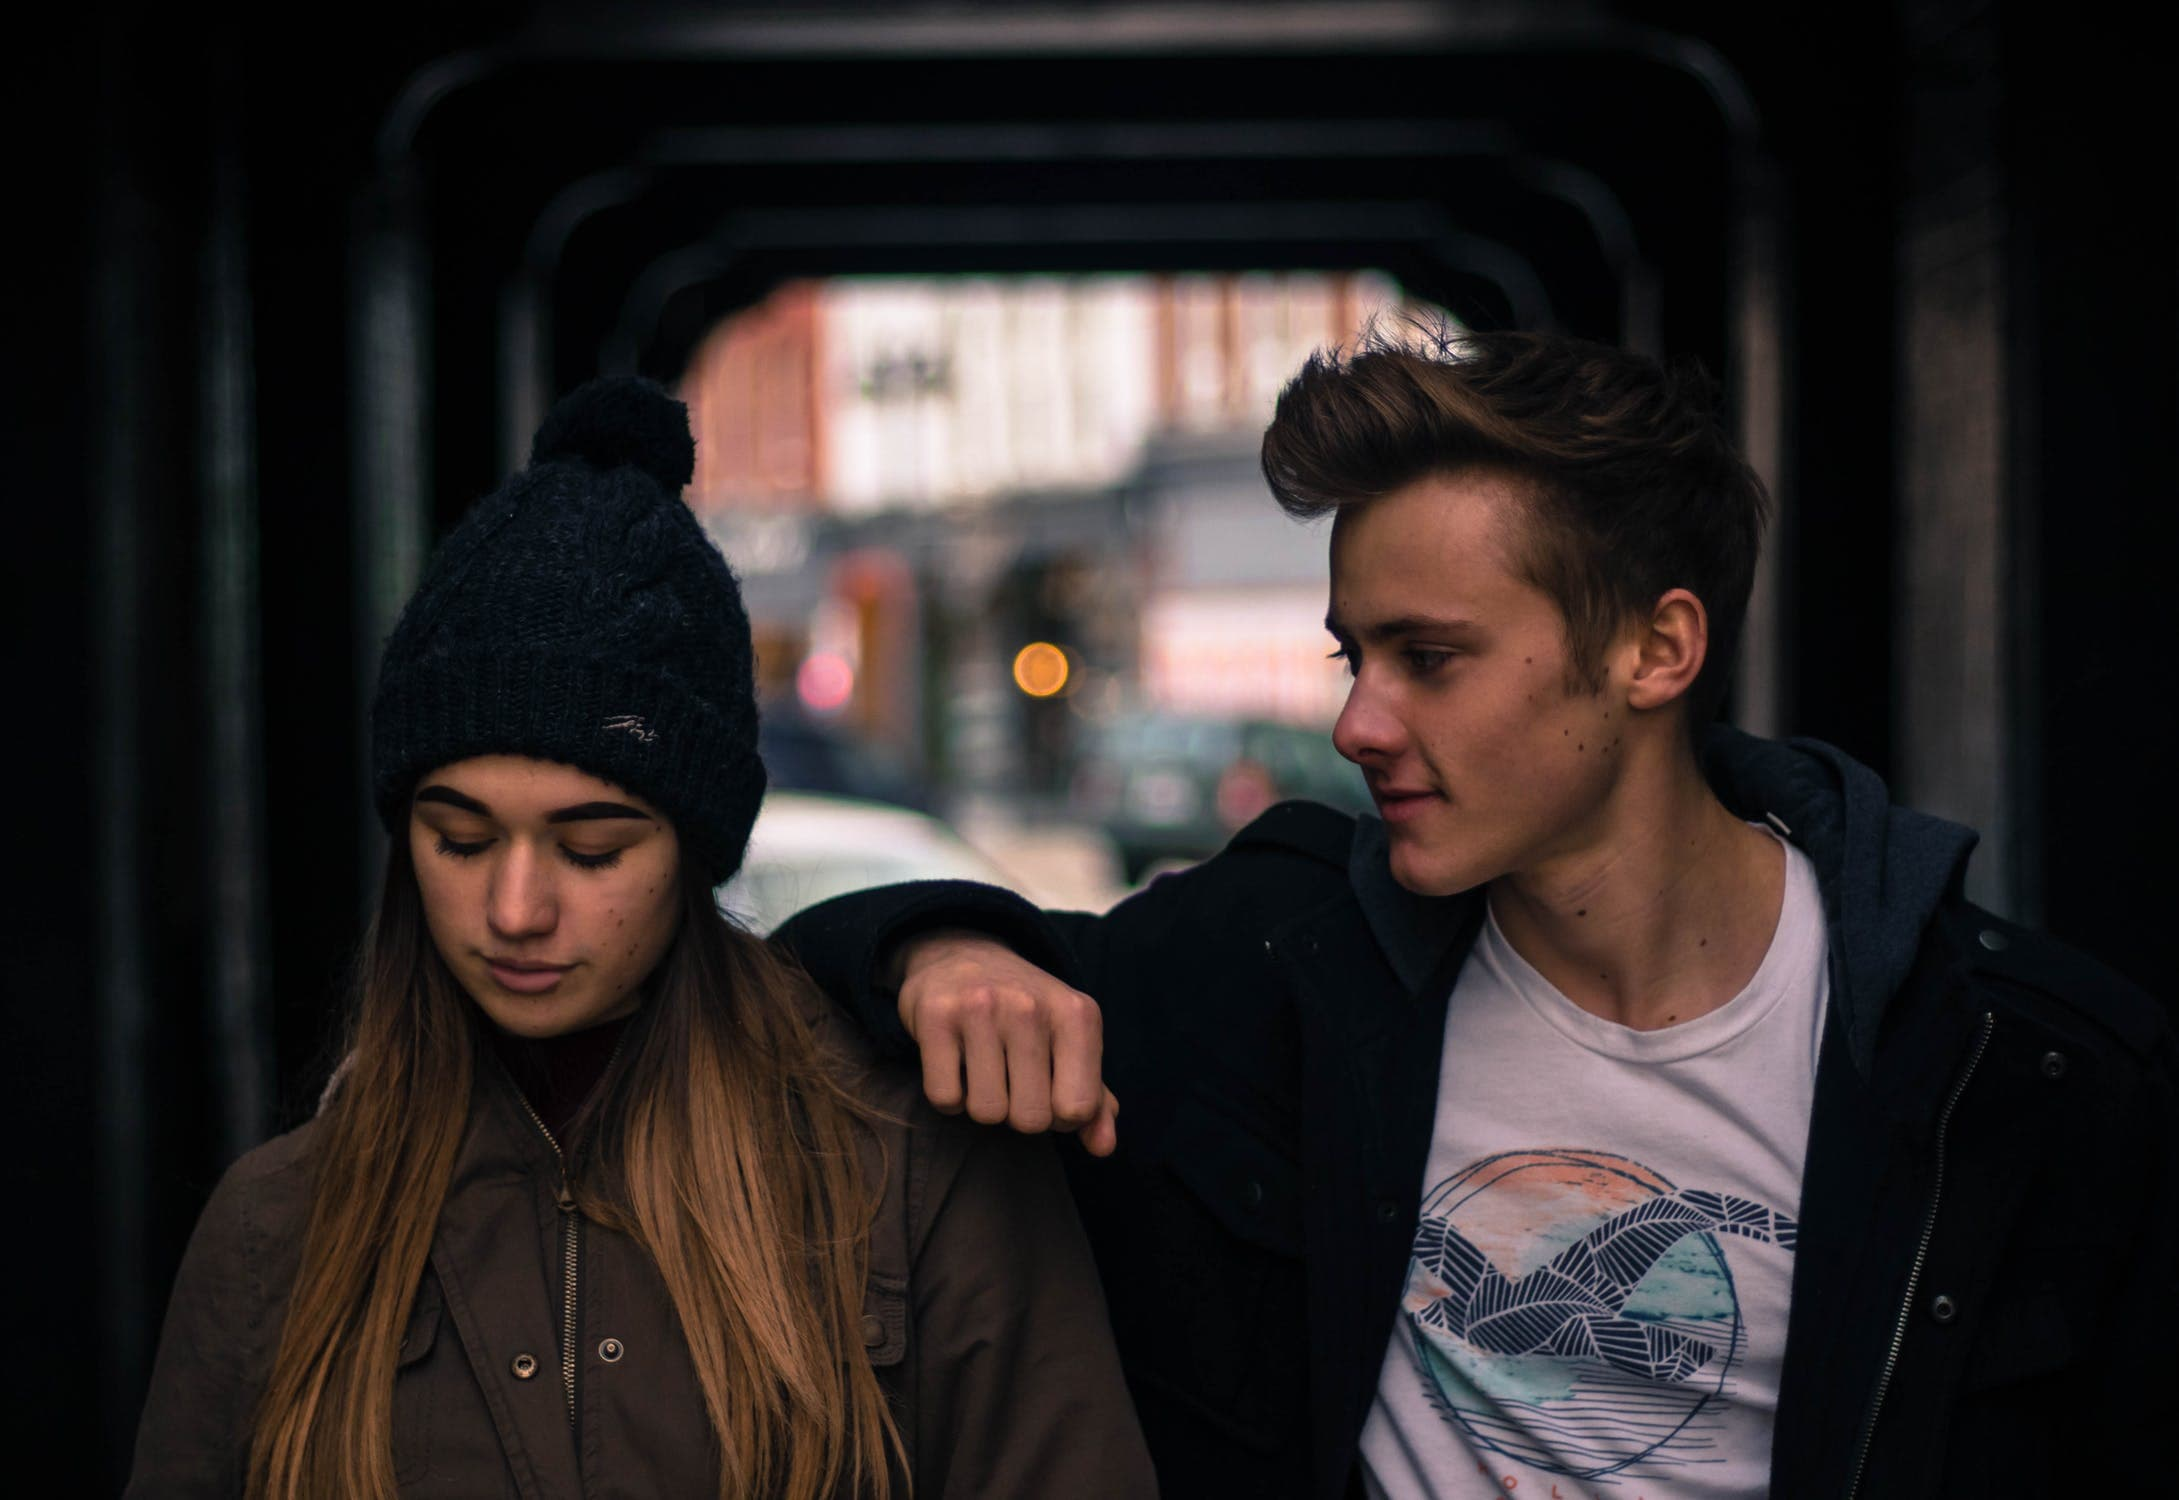 彼氏に対して病む女性の画像